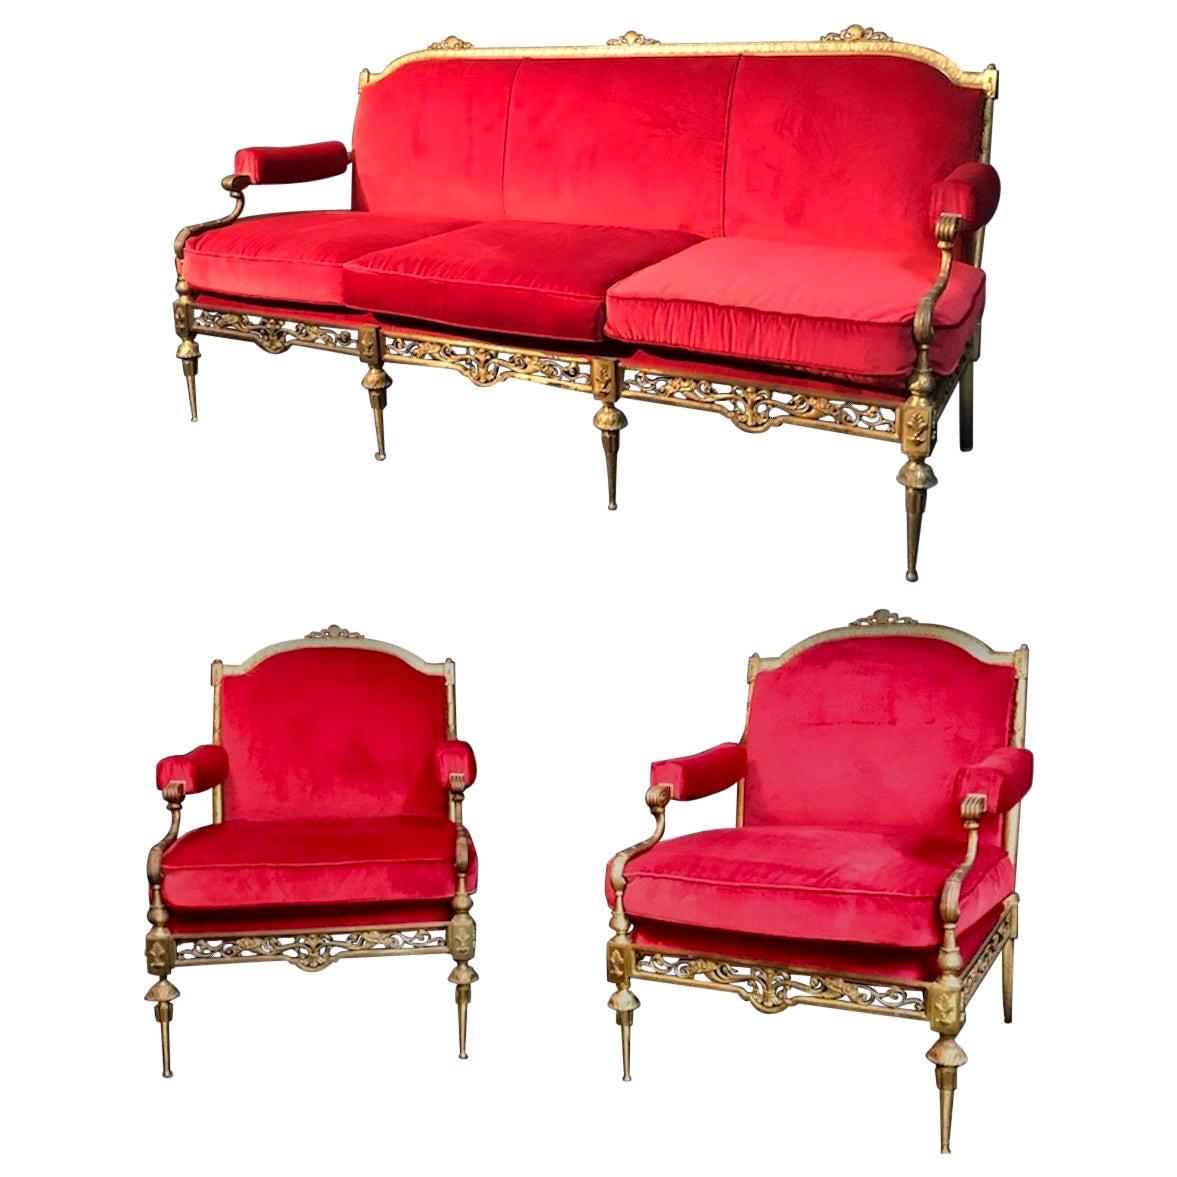 Italian Midcentury Brass and Red Velvet Living Room Set, 1950